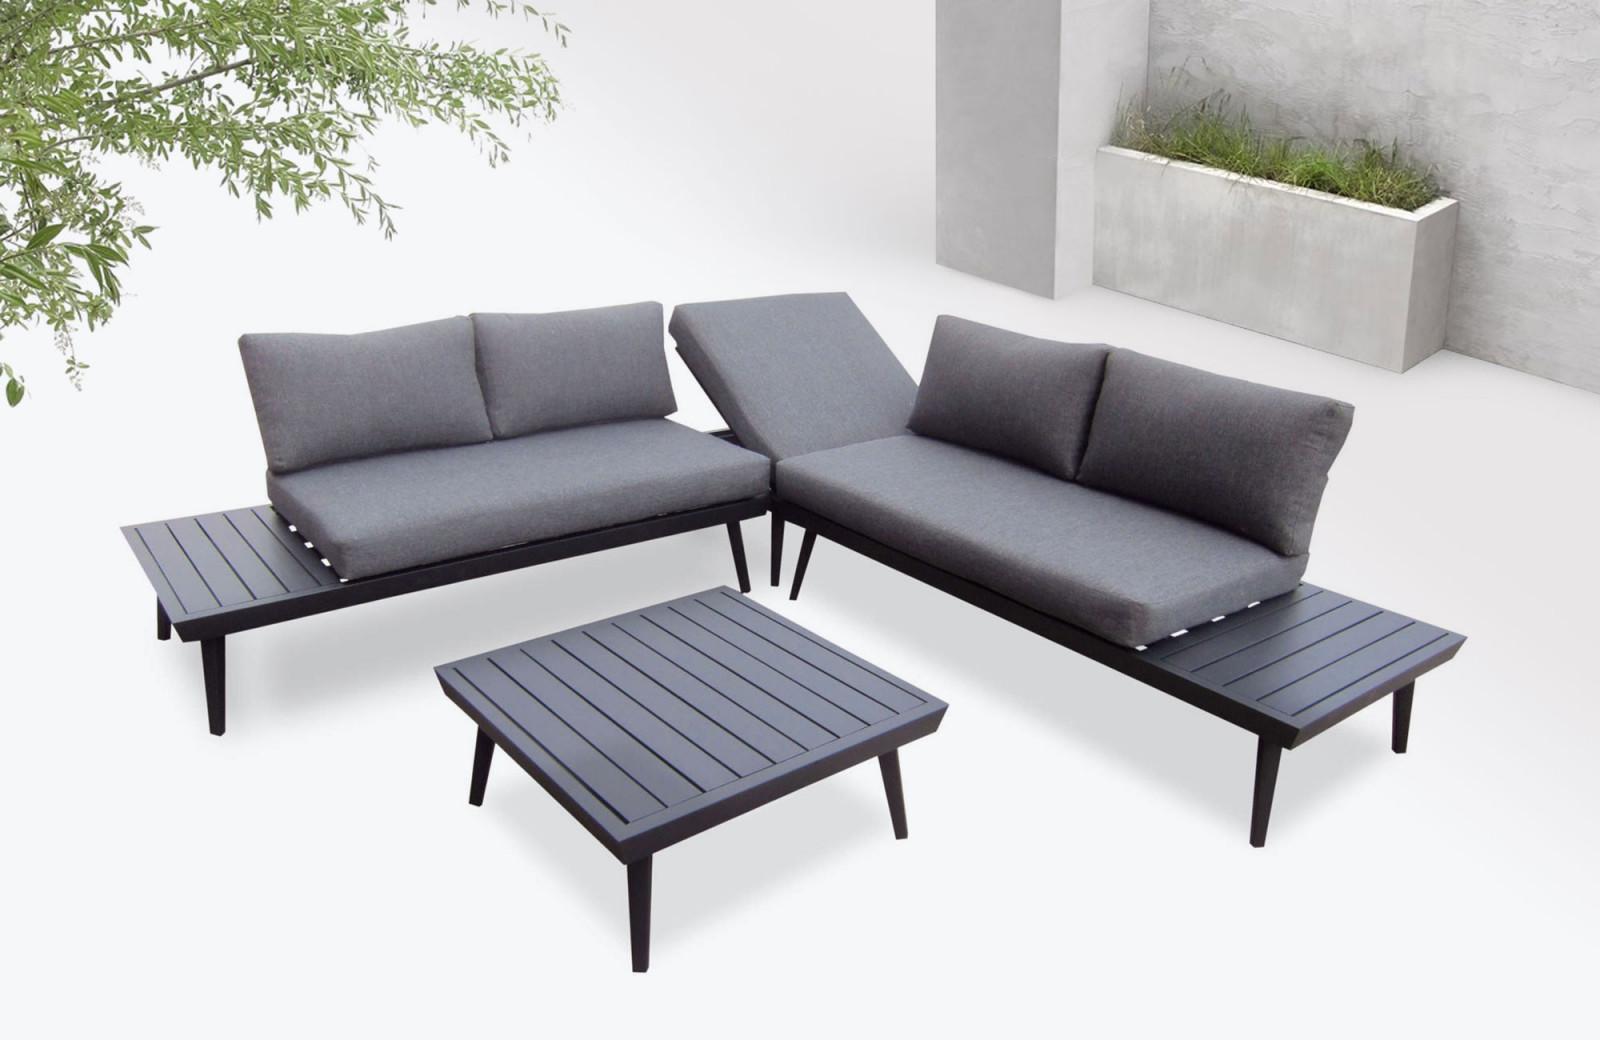 Salon de jardin en aluminium Vigo | BOBOCHIC ®